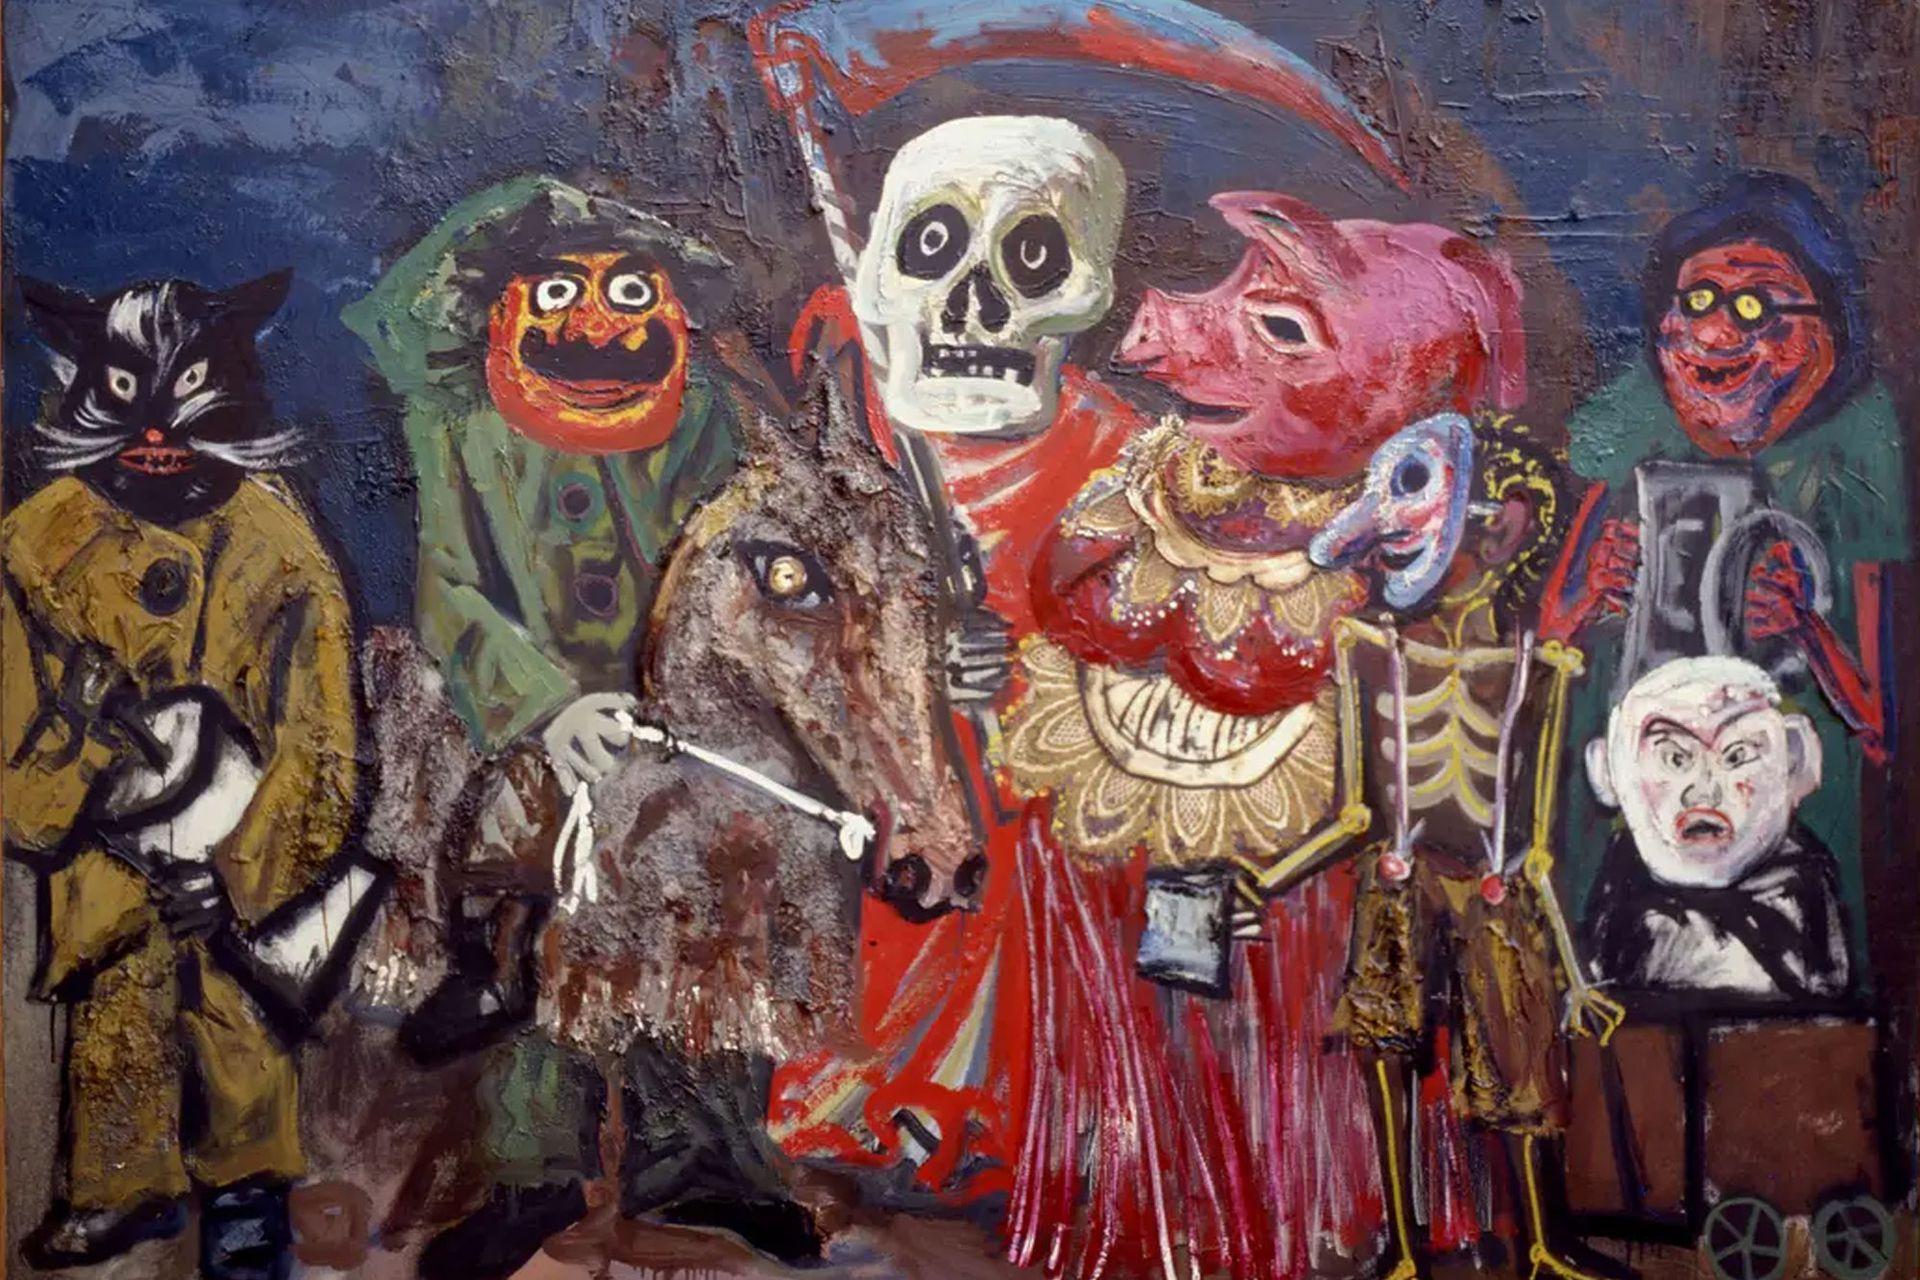 Juanito Laguna es un personaje de ficción creado por Antonio Berni. Aquí, la obra Los carnavales de Juanito Laguna.